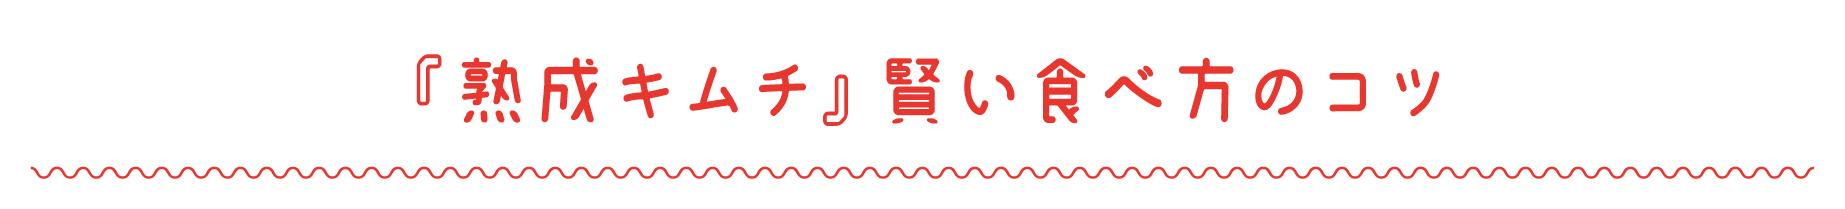 『熟成キムチ』賢い食べ方のコツ